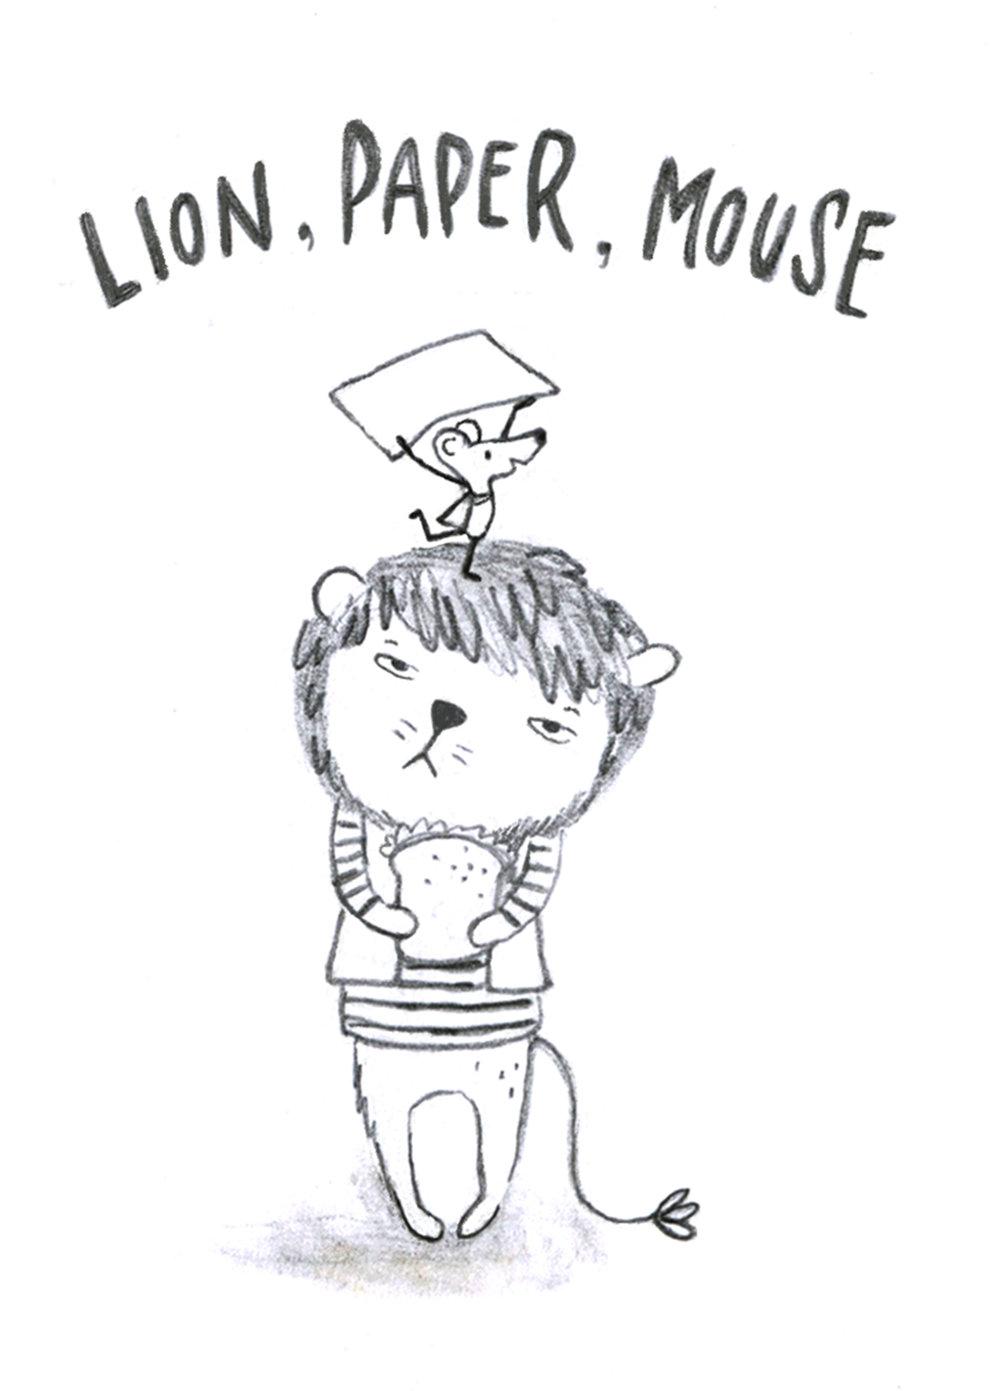 Lion,Paper,Mouse.jpg